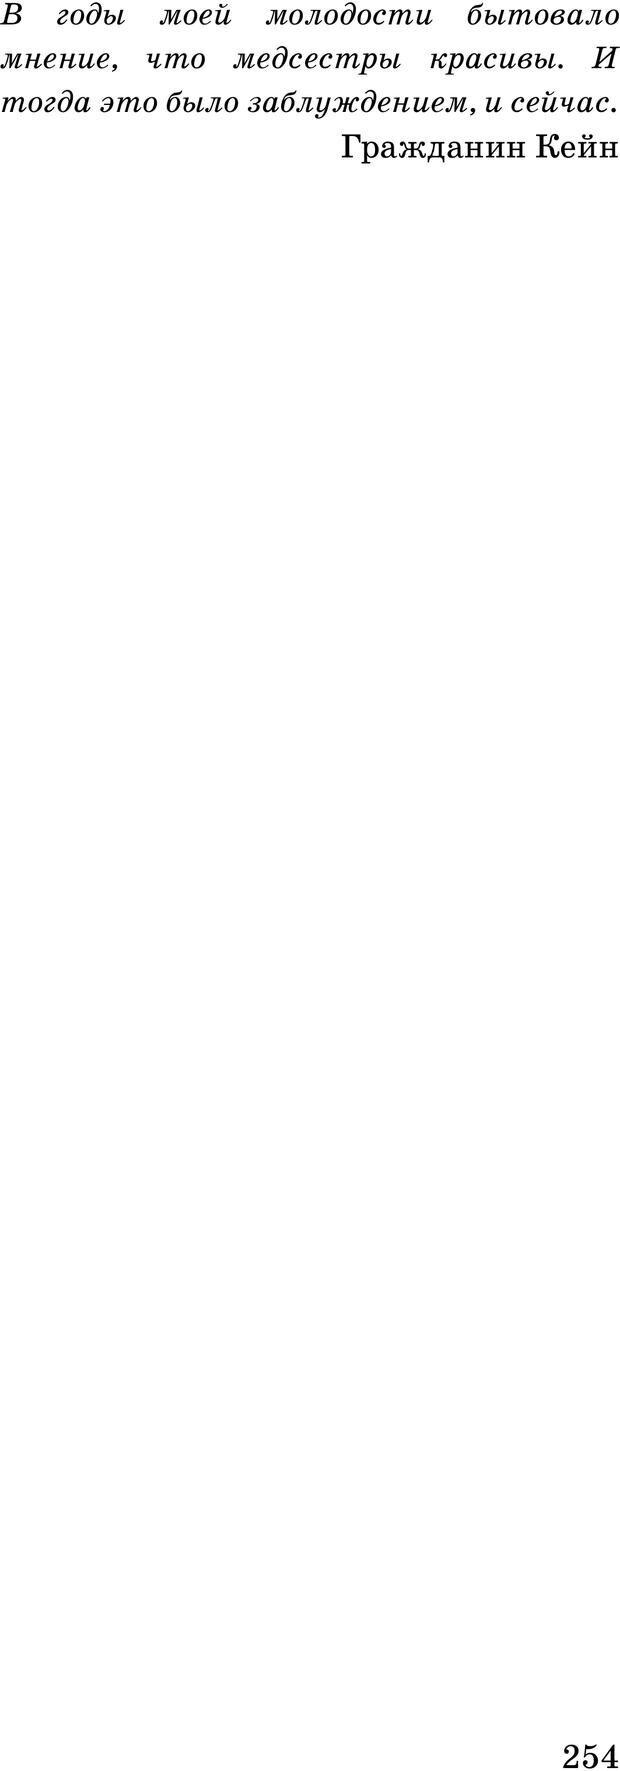 PDF. Русская Модель Эффективного Соблазнения. Мастерский курс. Богачев Ф. О. Страница 249. Читать онлайн